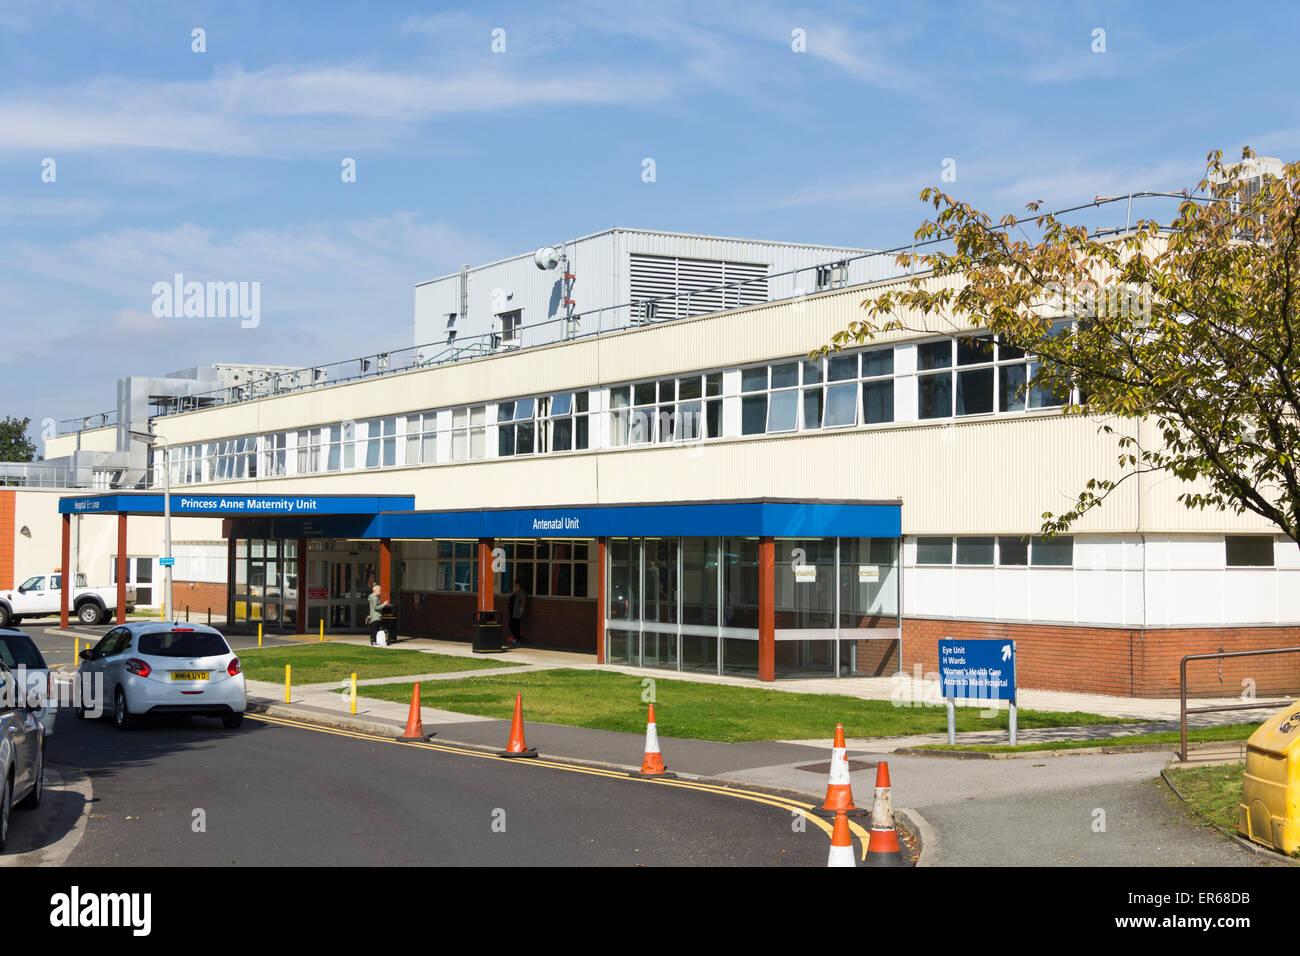 Entrée de la maternité de la princesse Anne à l'Hôpital Royal de Bolton, Lancashire. Photo Stock